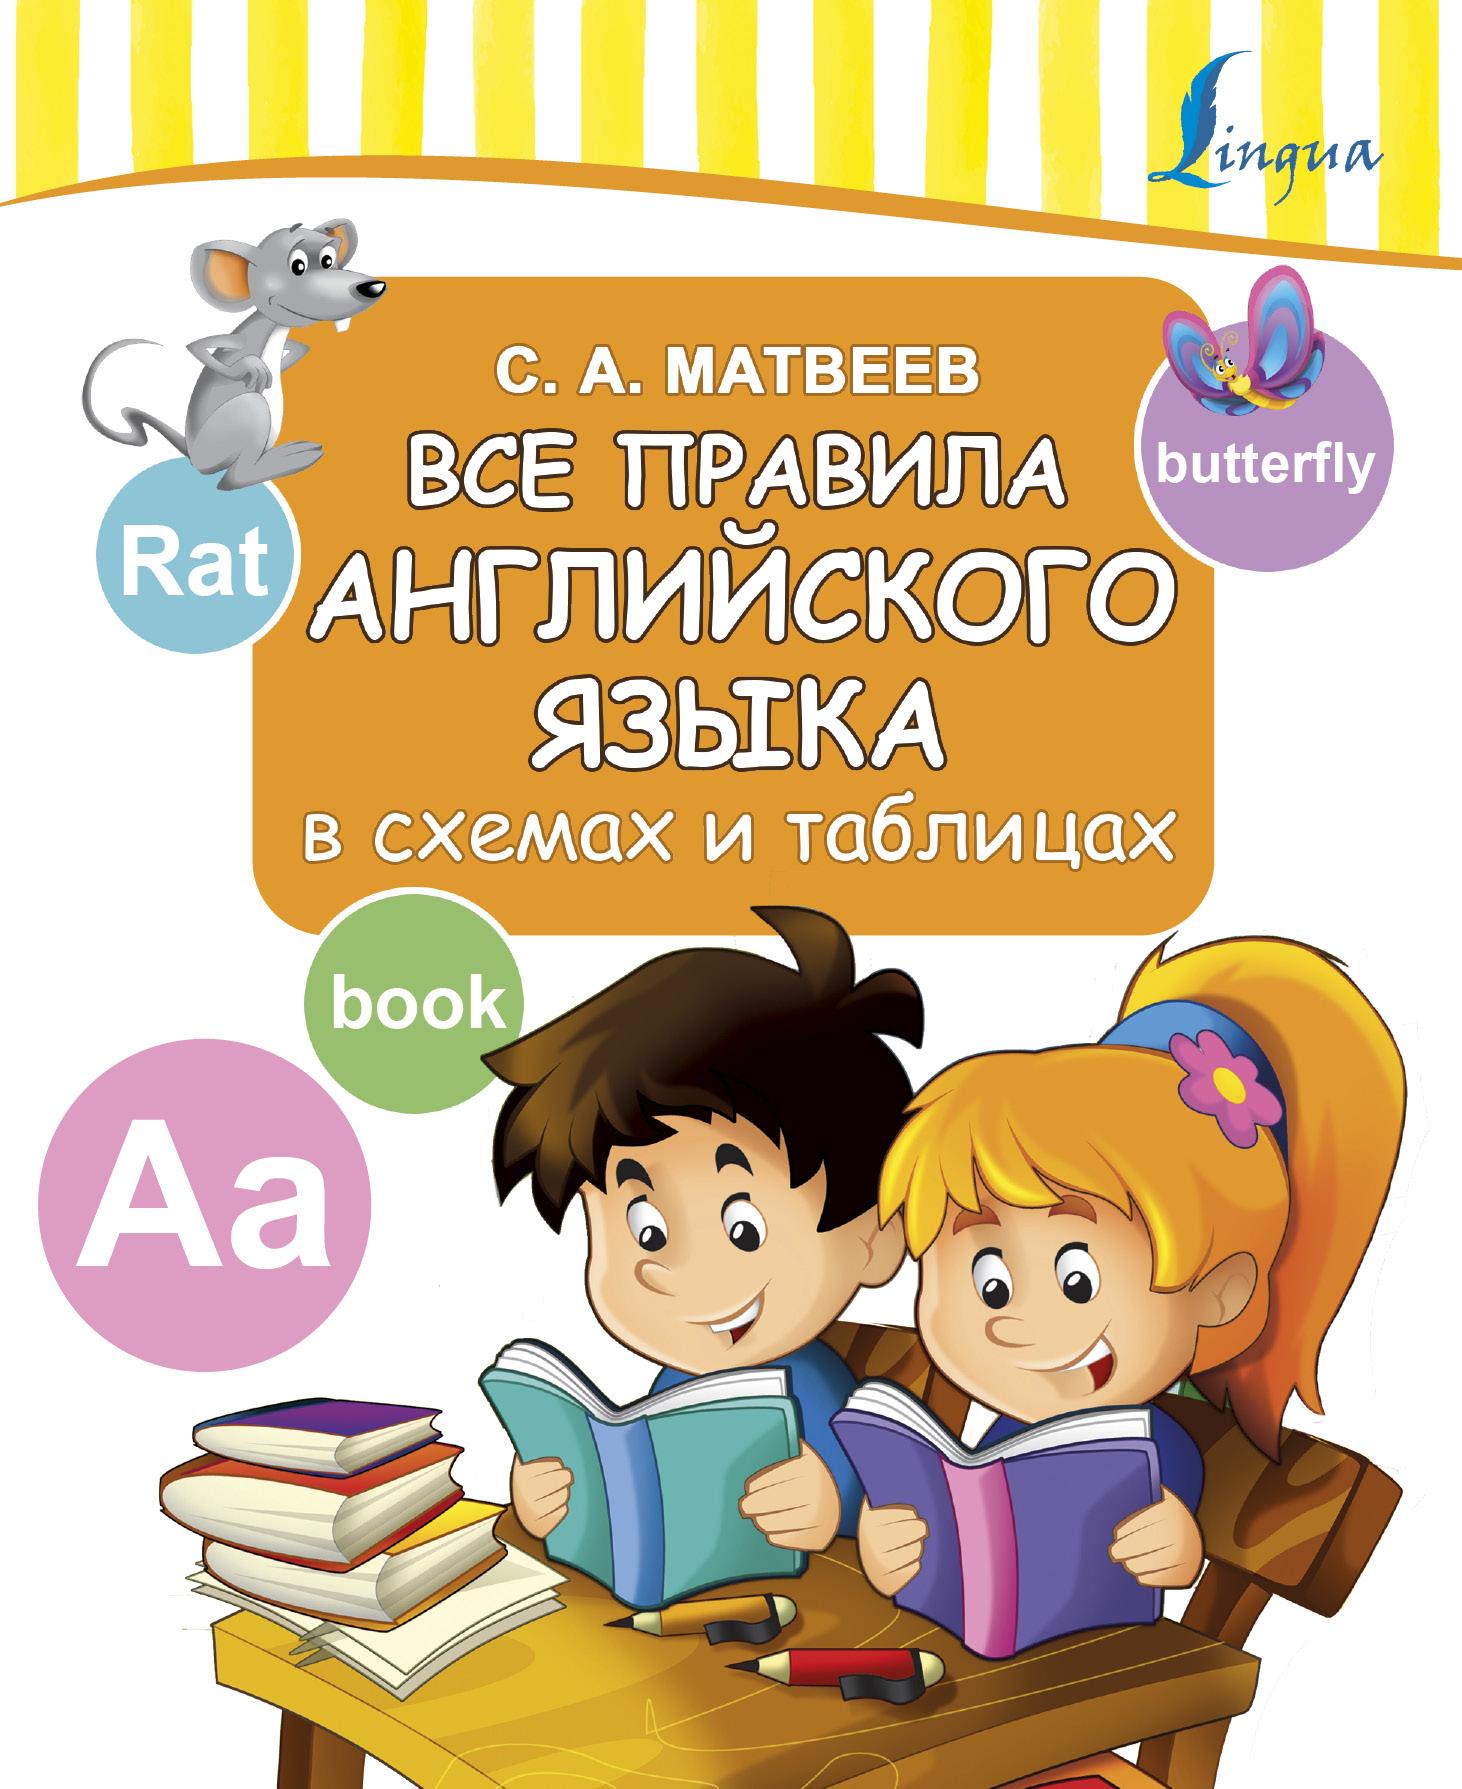 С. А. Матвеев Все правила английского языка в схемах и таблицах книги издательство аст диабет в схемах и таблицах